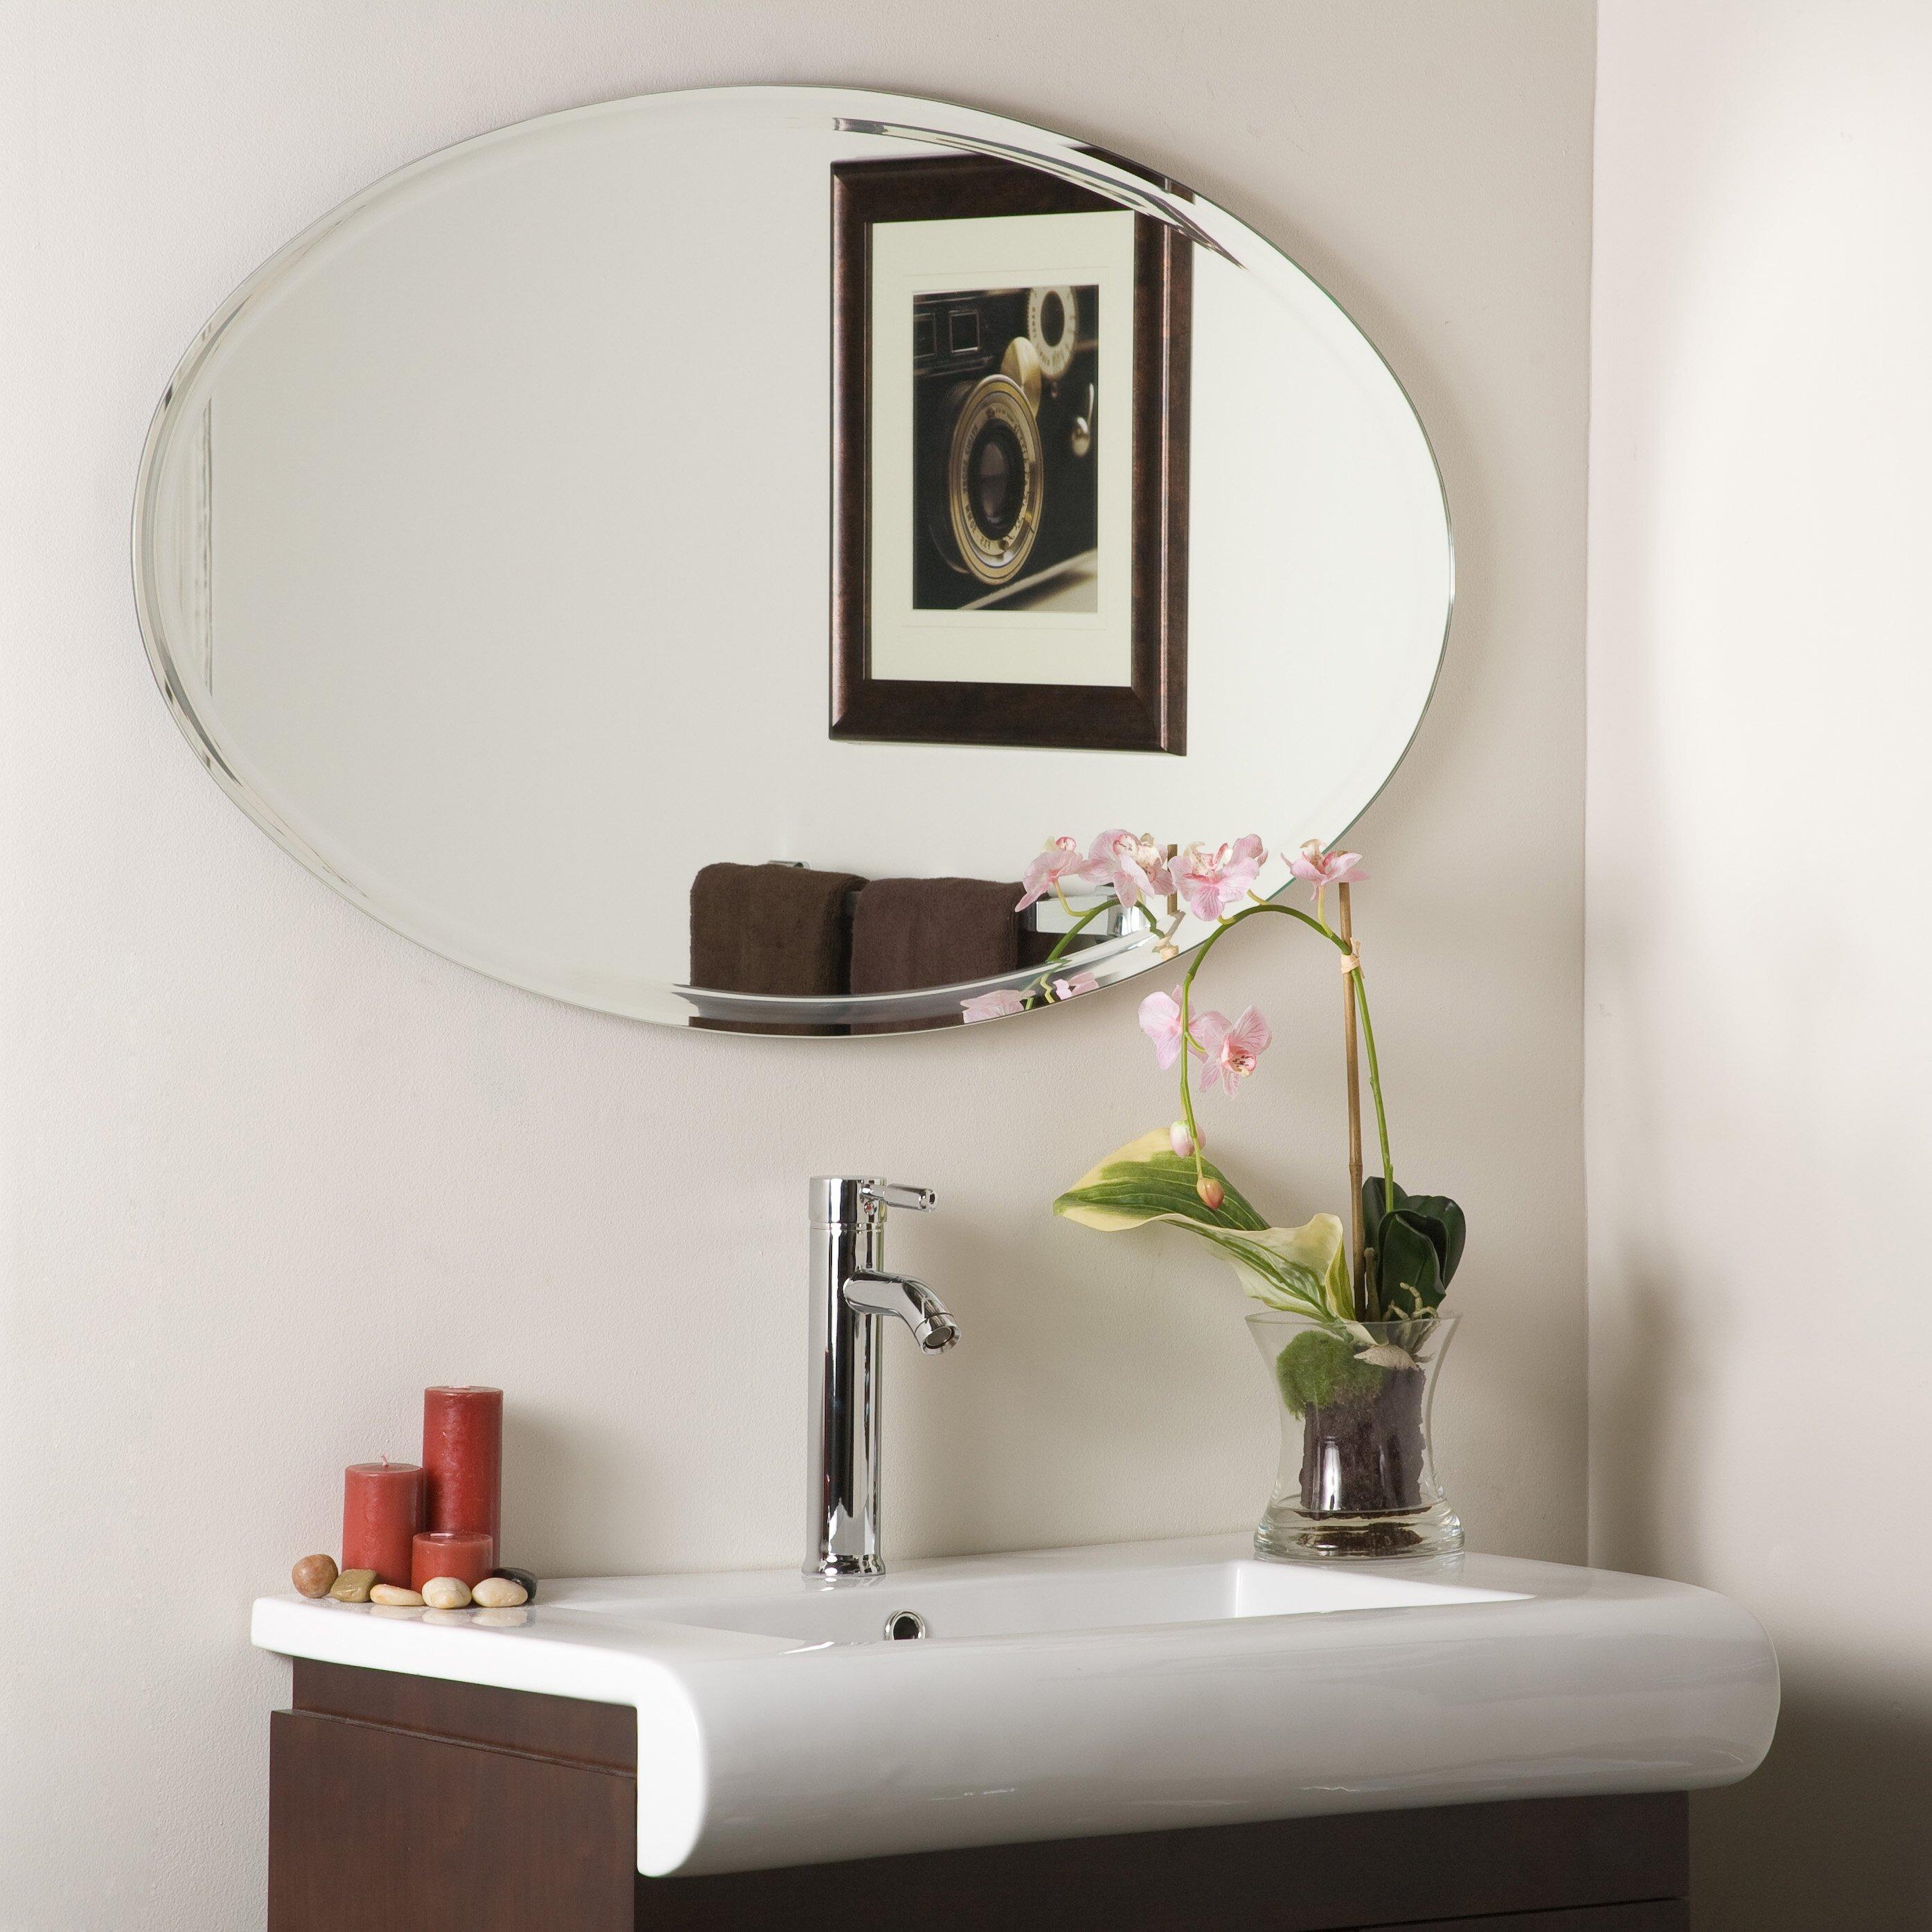 Charlton home marsham frameless marisol wall mirror - Frameless beveled bathroom mirrors ...